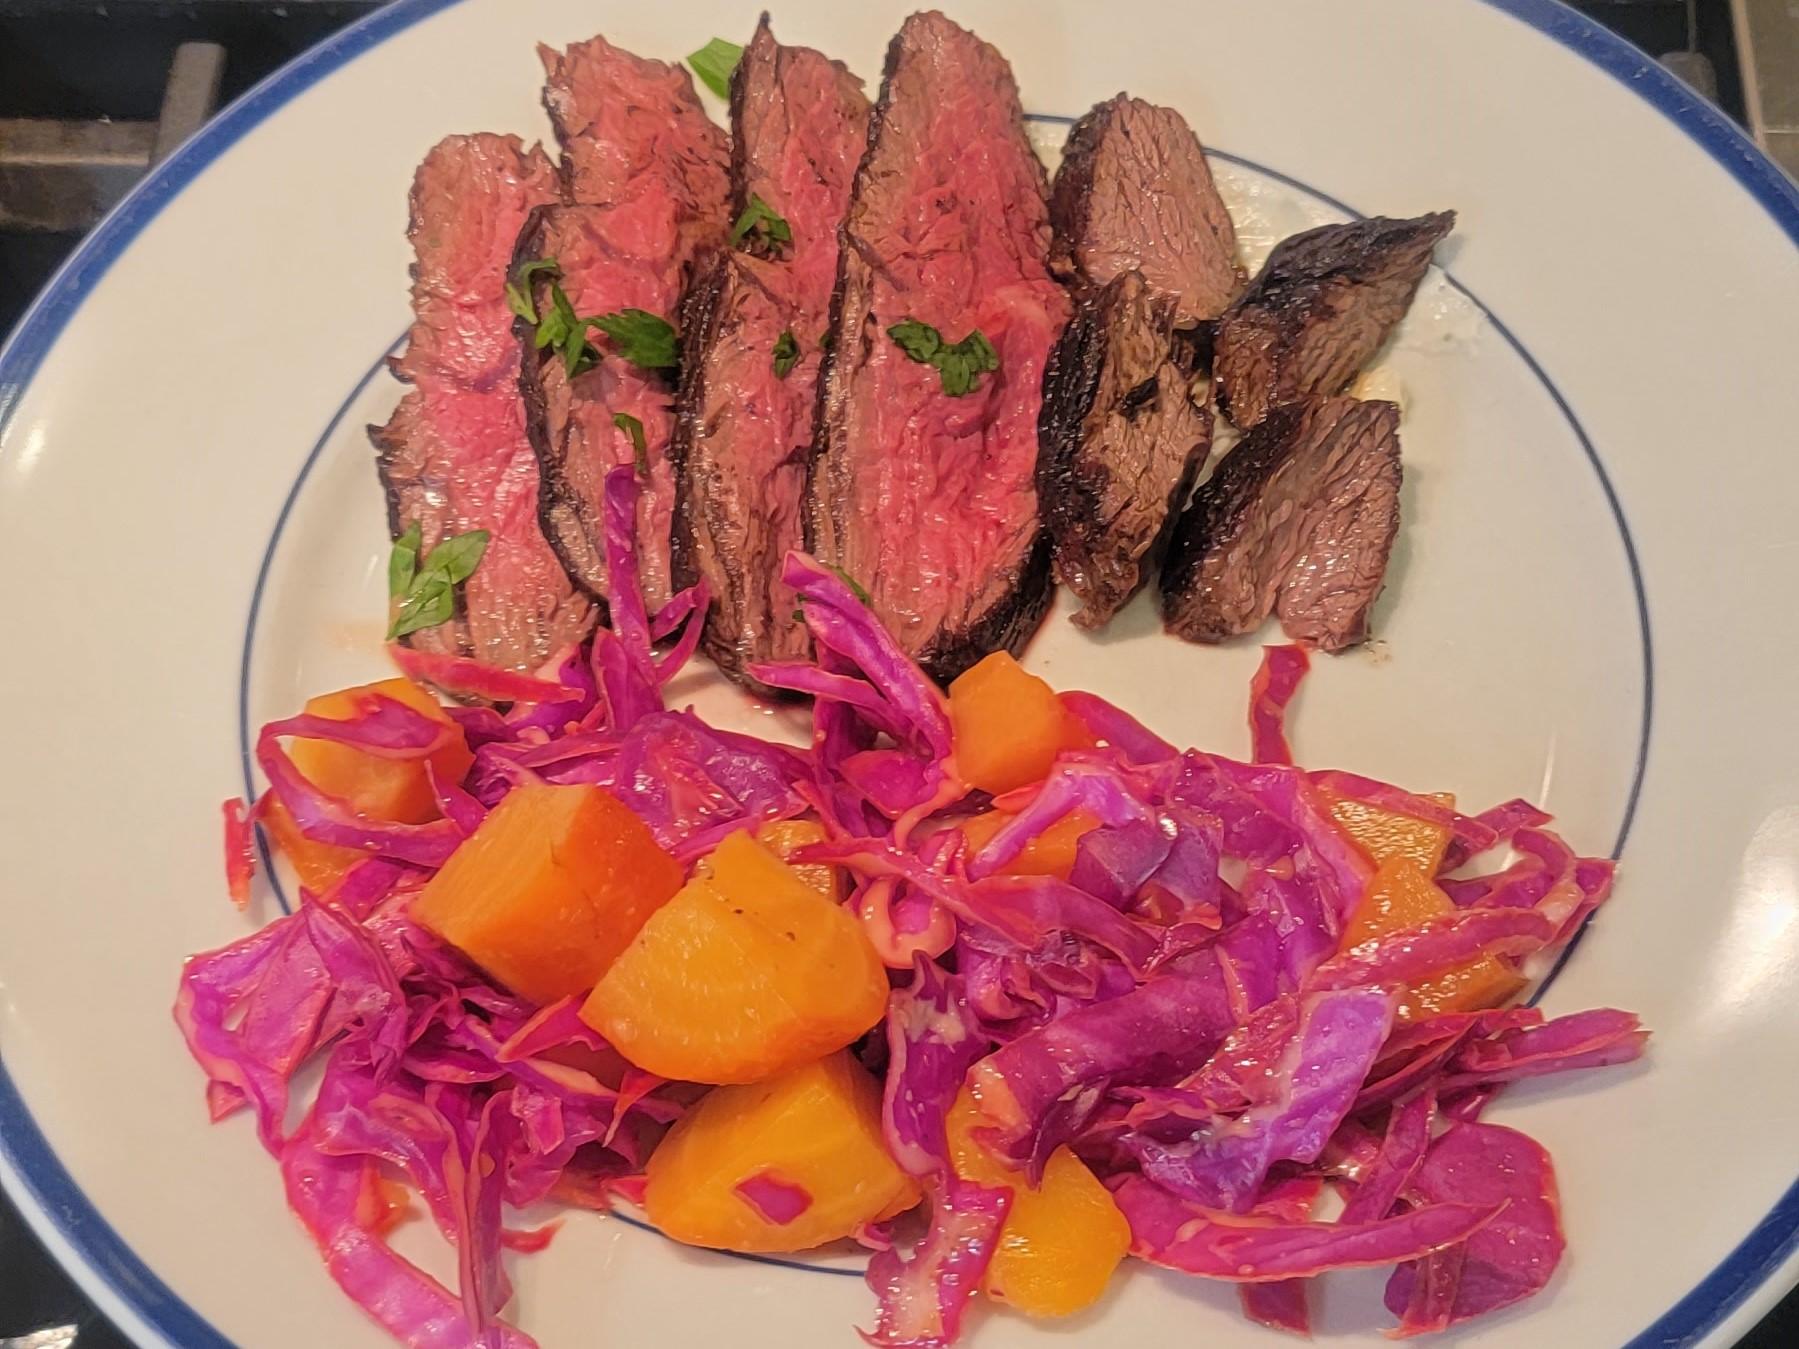 hanger steak beet cabbage salad